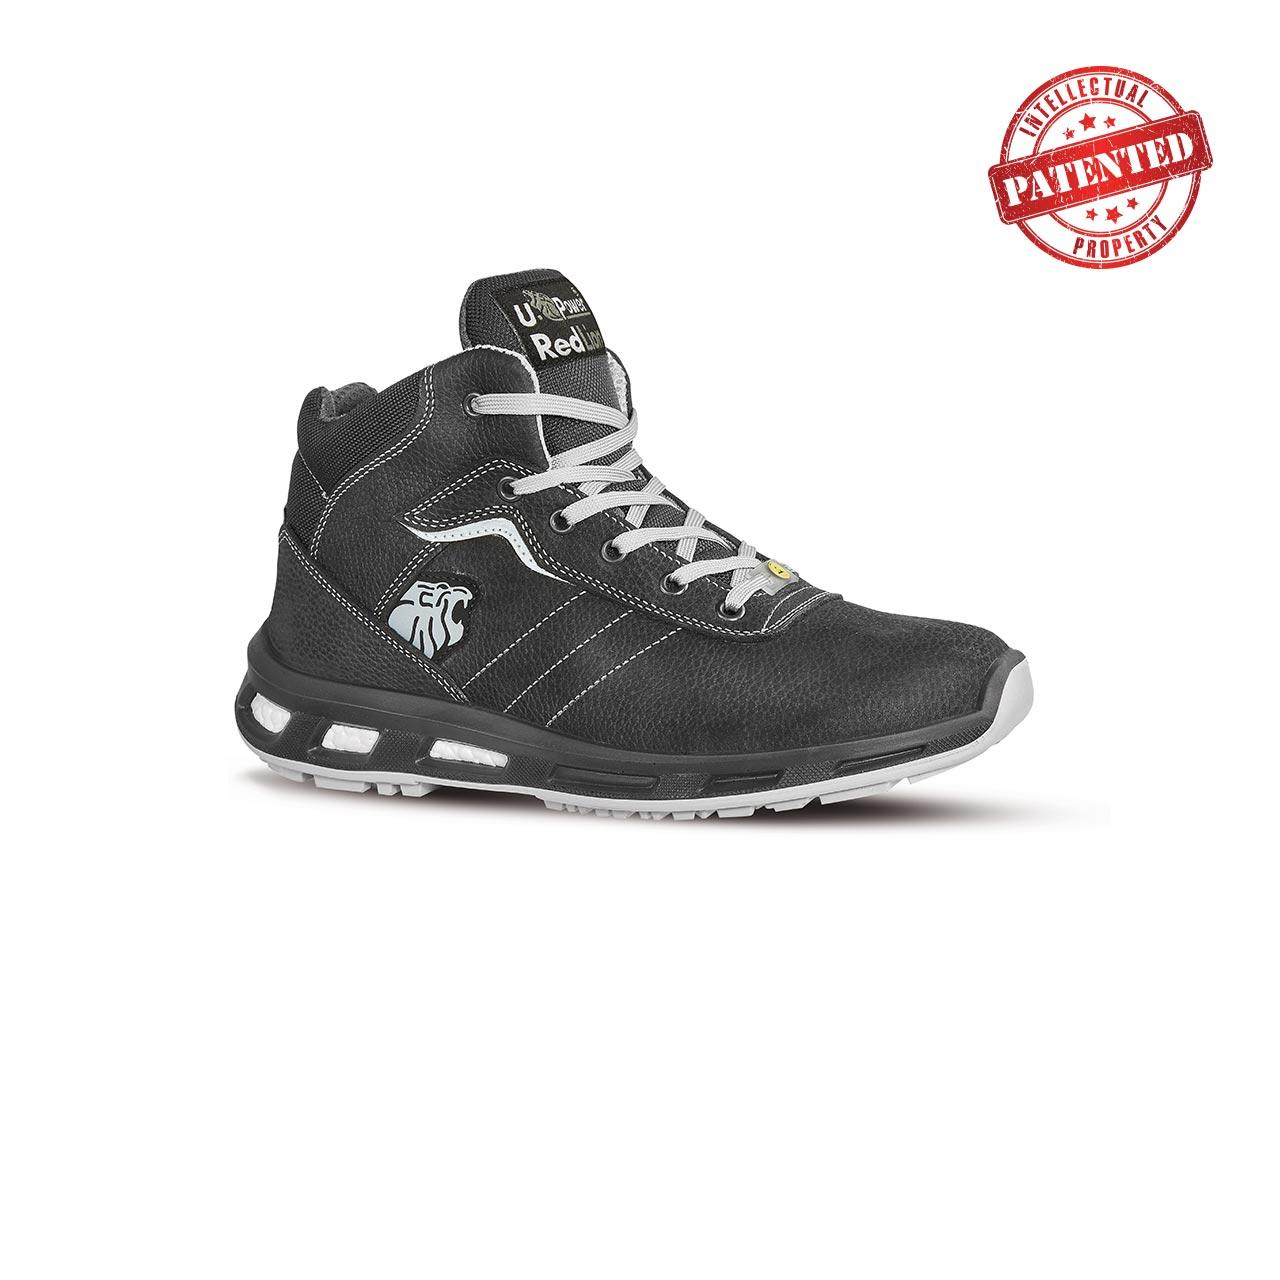 scarpa antinfortunistica alta upower modello shape linea redlion vista laterale